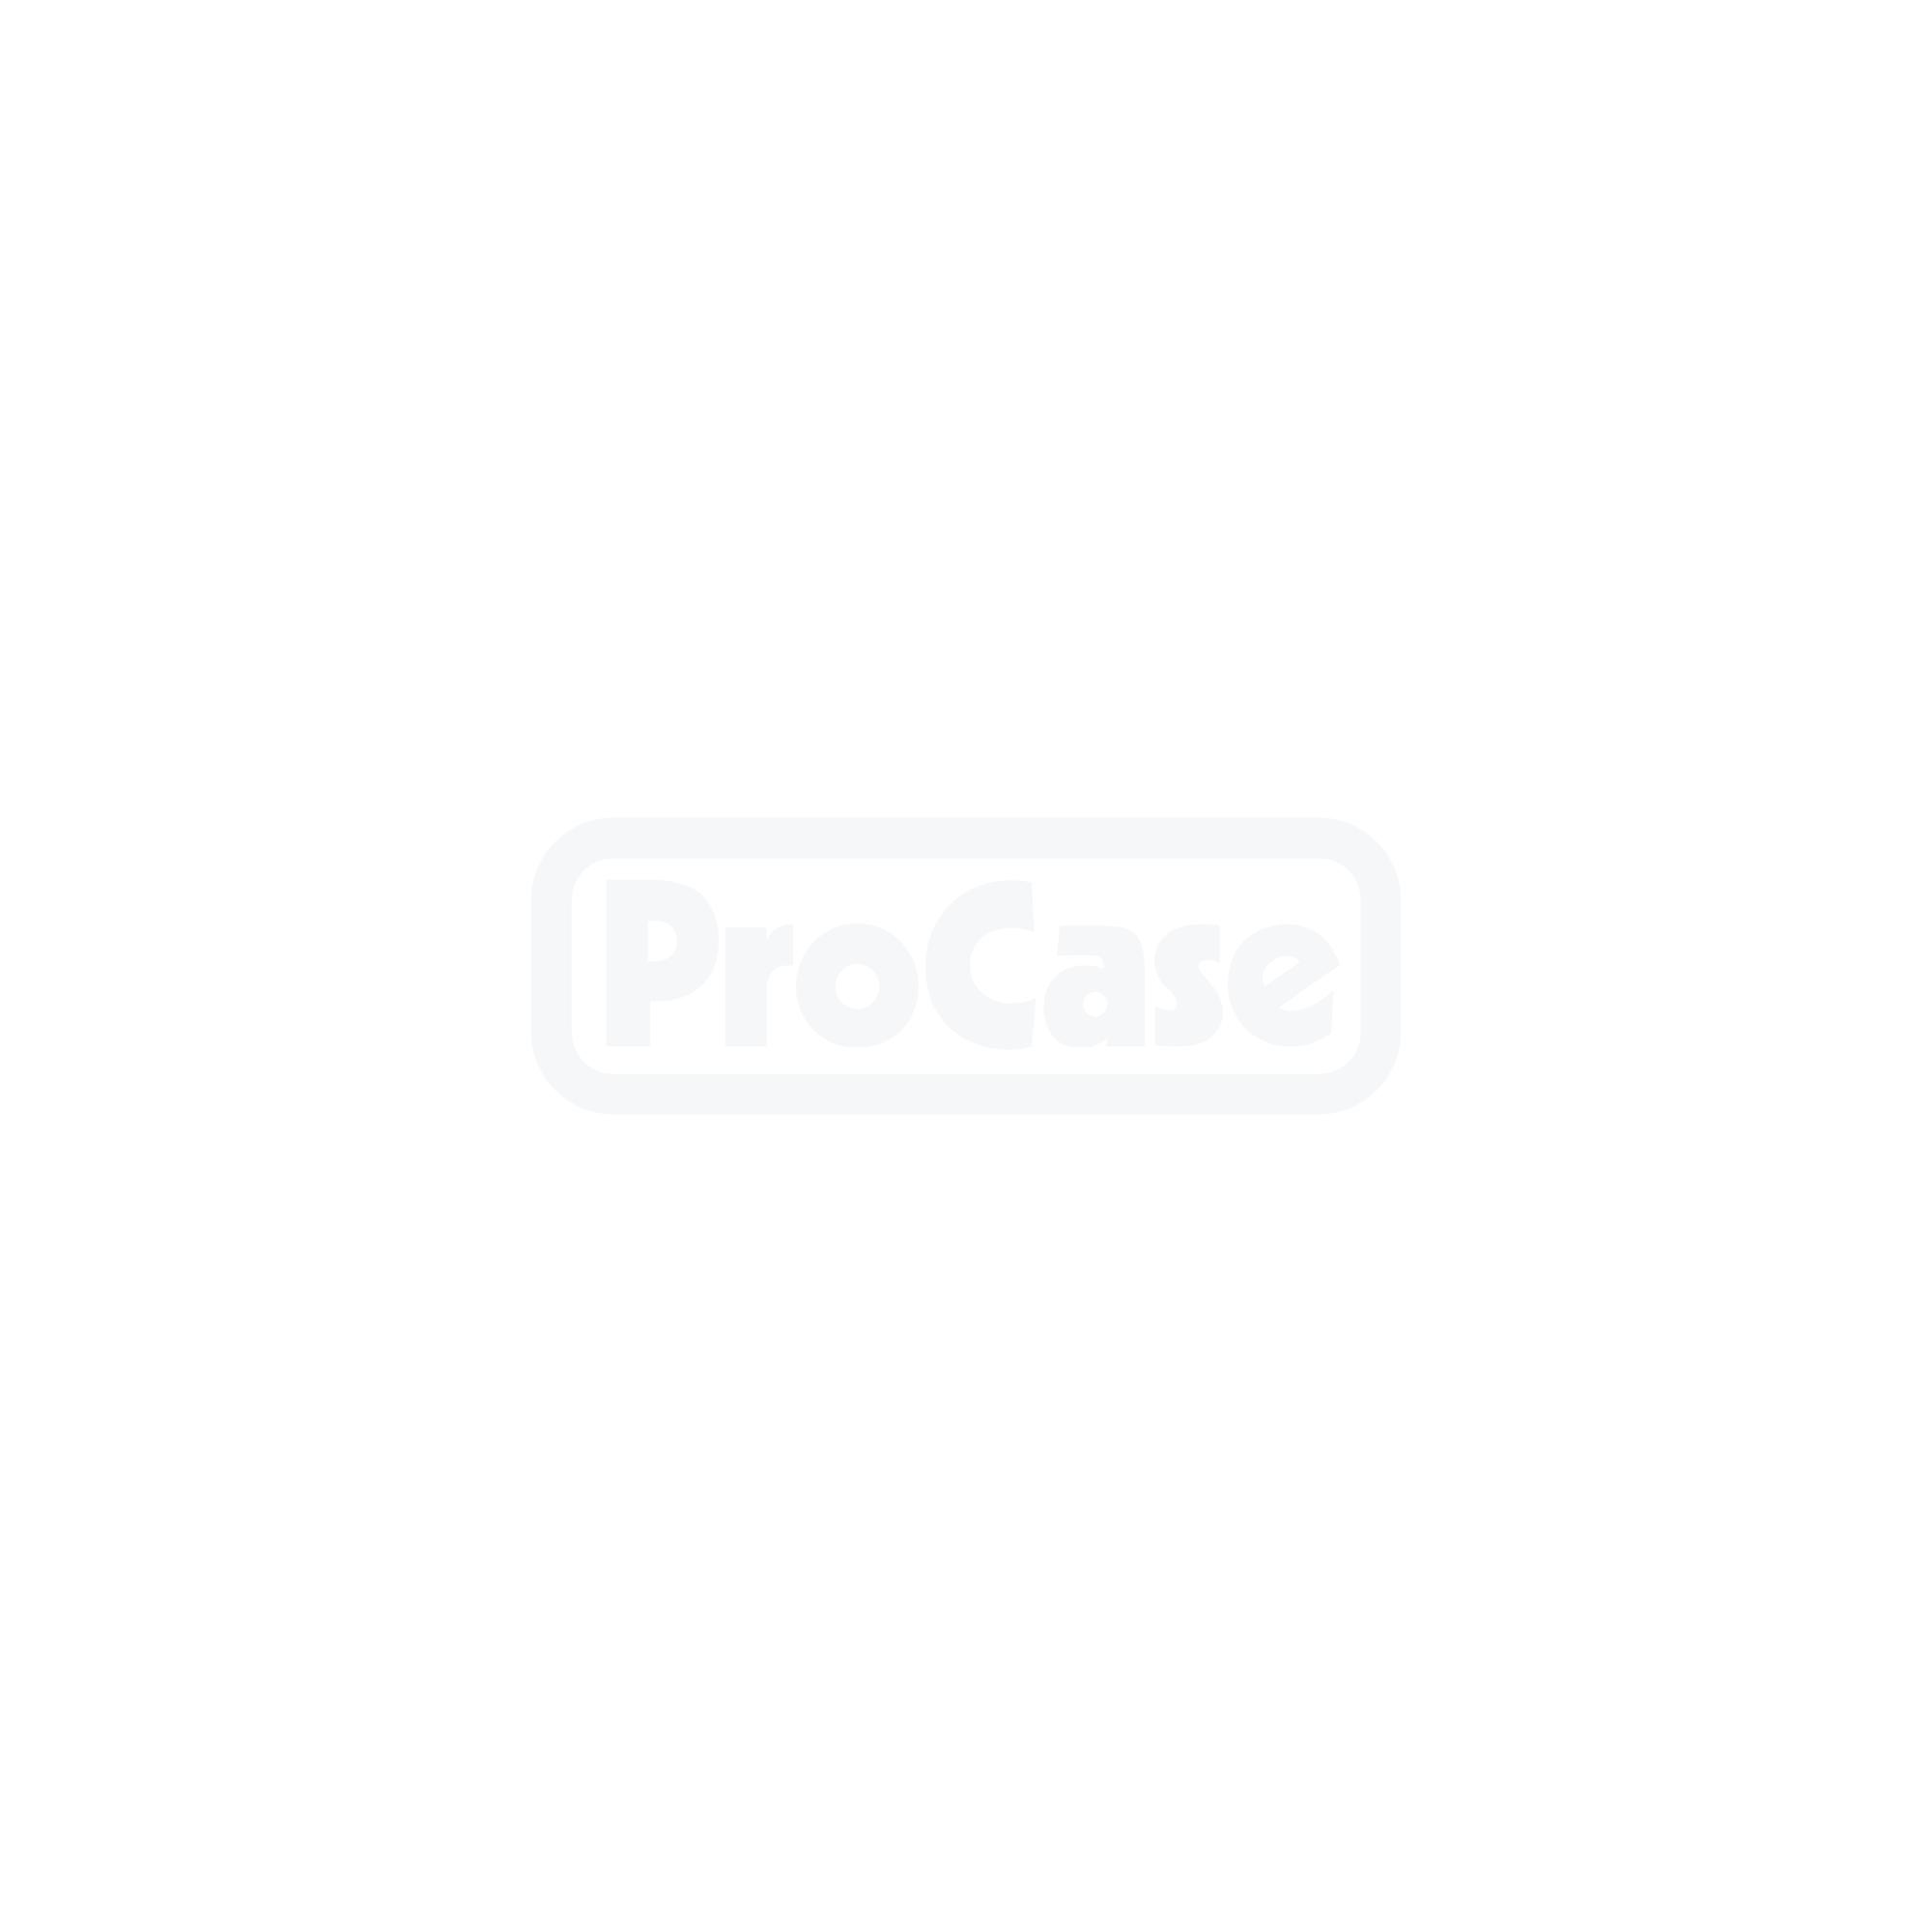 Screen Flex-Case mit Audipack Stand FS-701V6 3